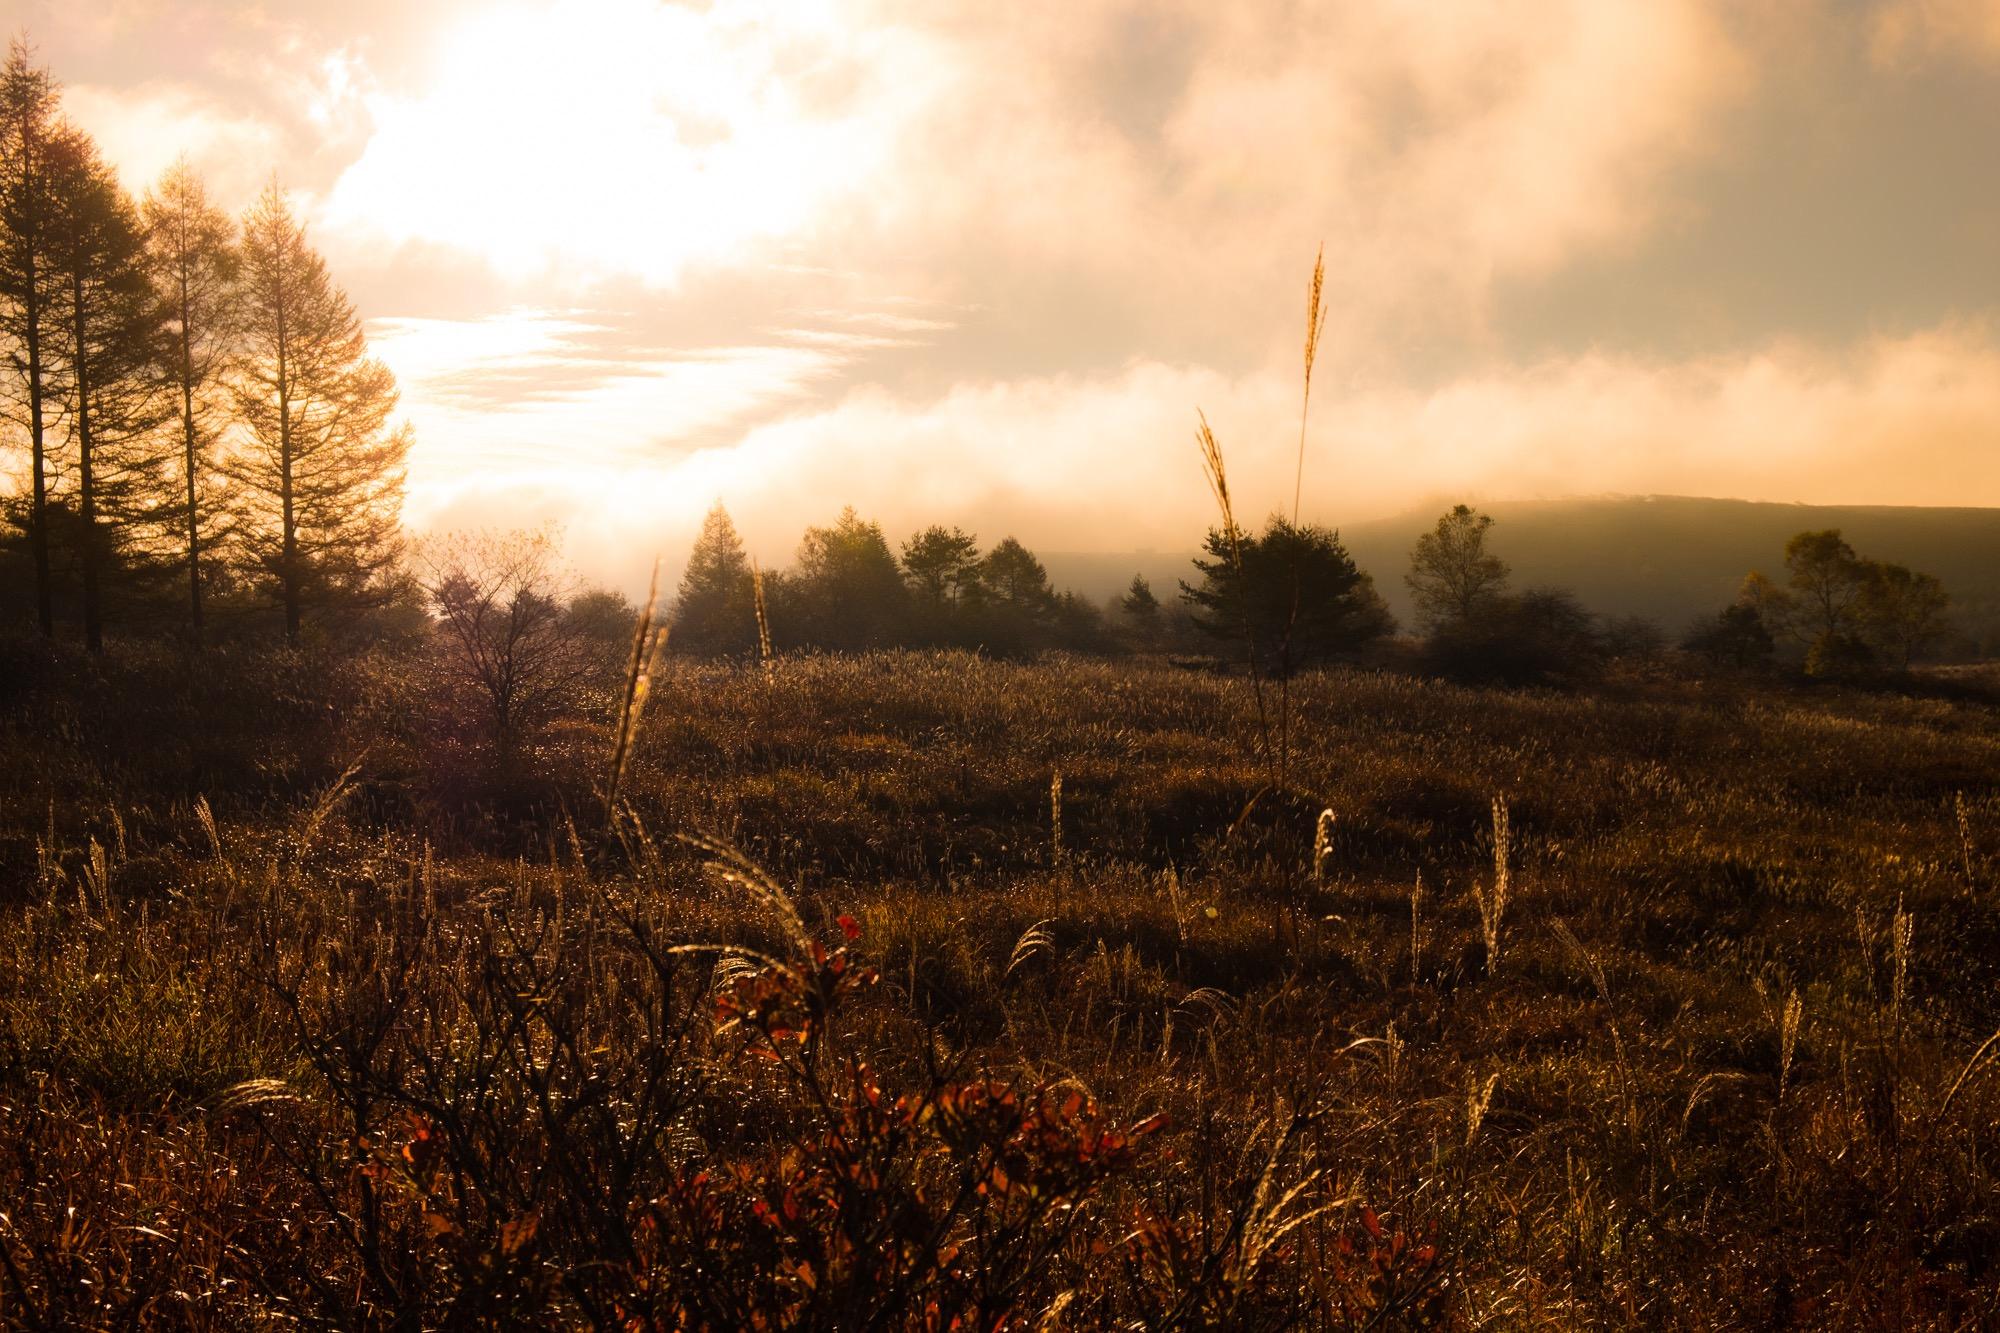 秋のススキの霧ヶ峰